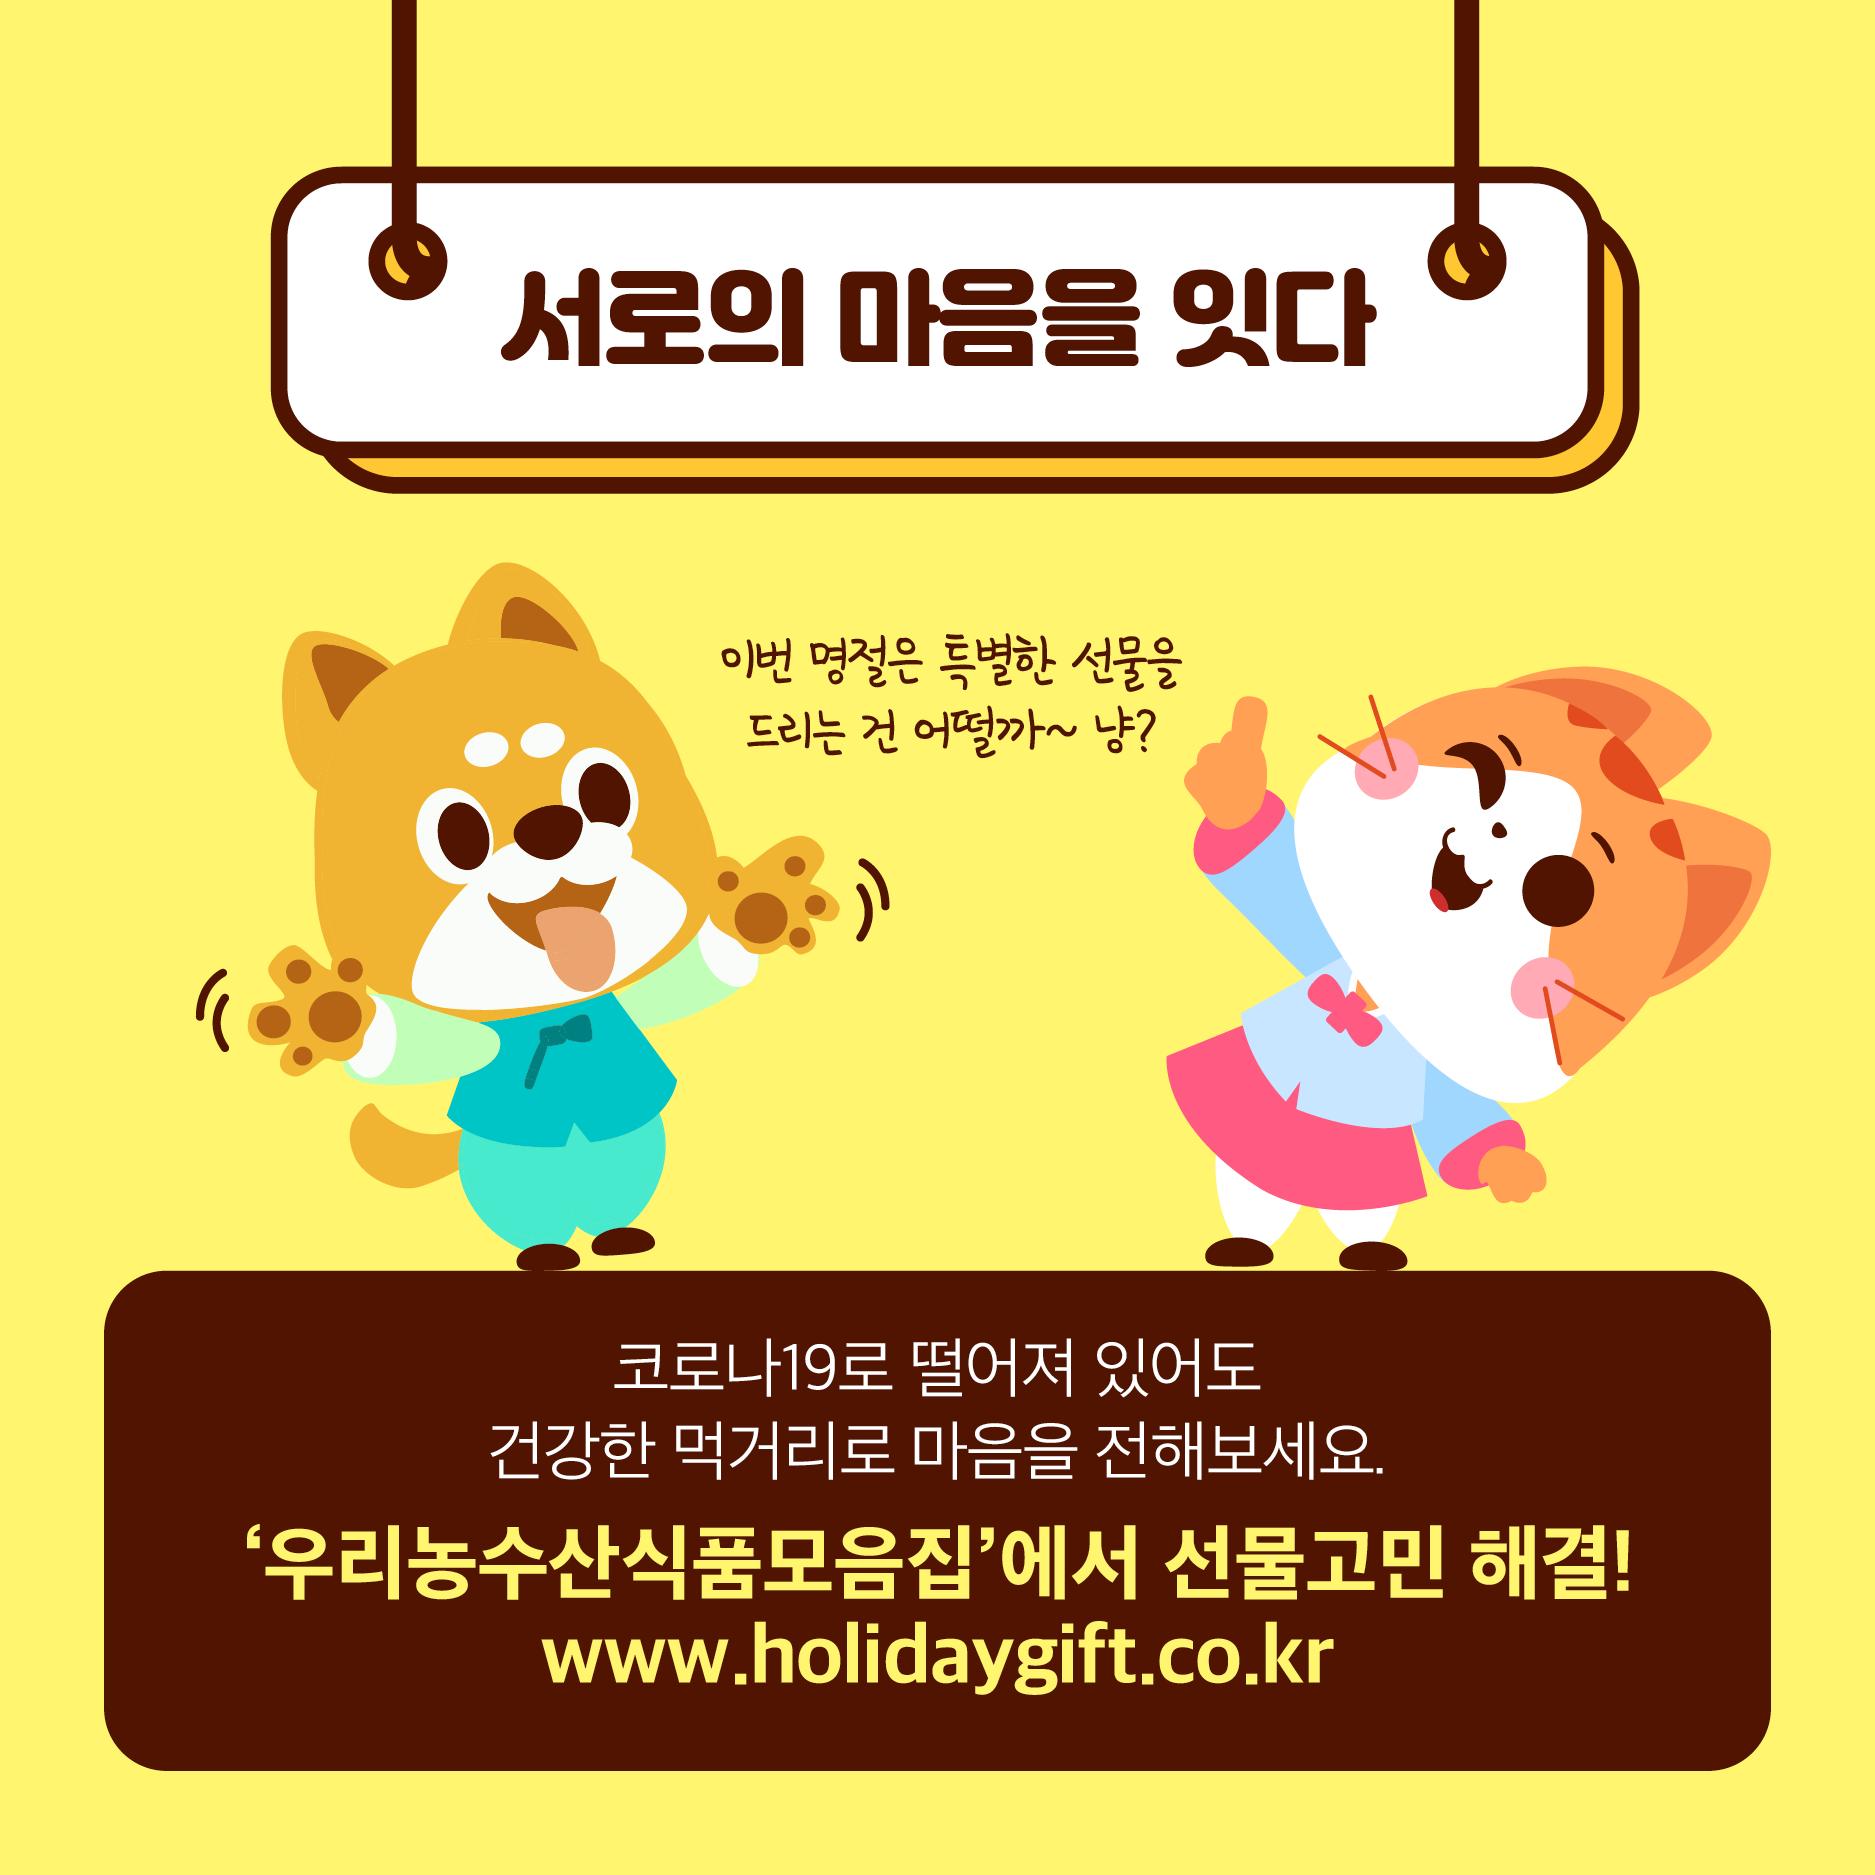 추석선물기획콘텐츠카드뉴스2